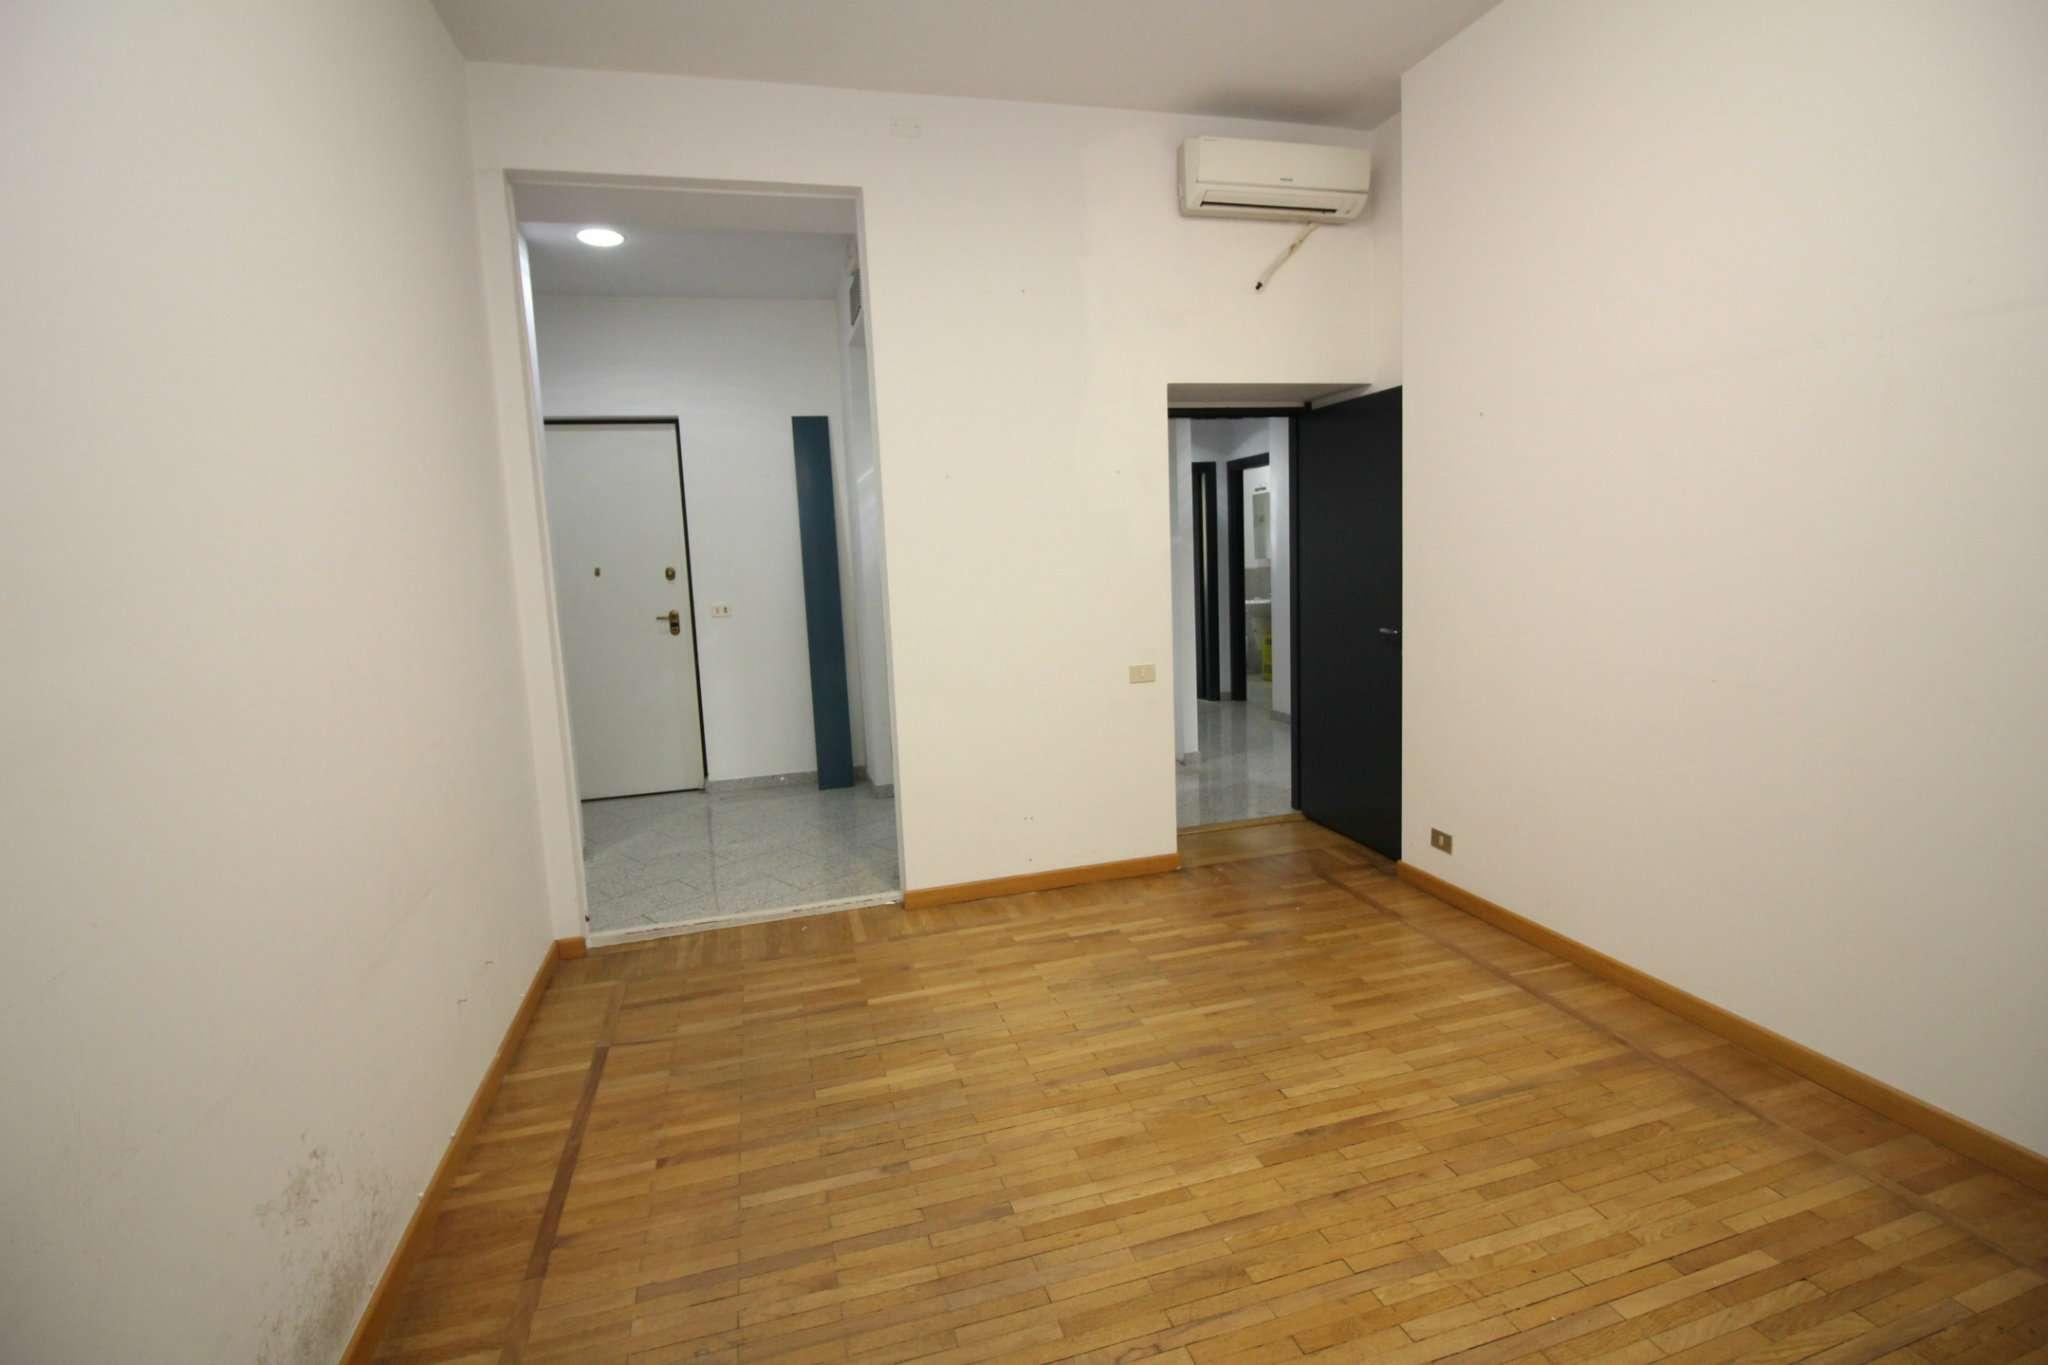 Ufficio / Studio in affitto a Vercelli, 9999 locali, prezzo € 700 | PortaleAgenzieImmobiliari.it